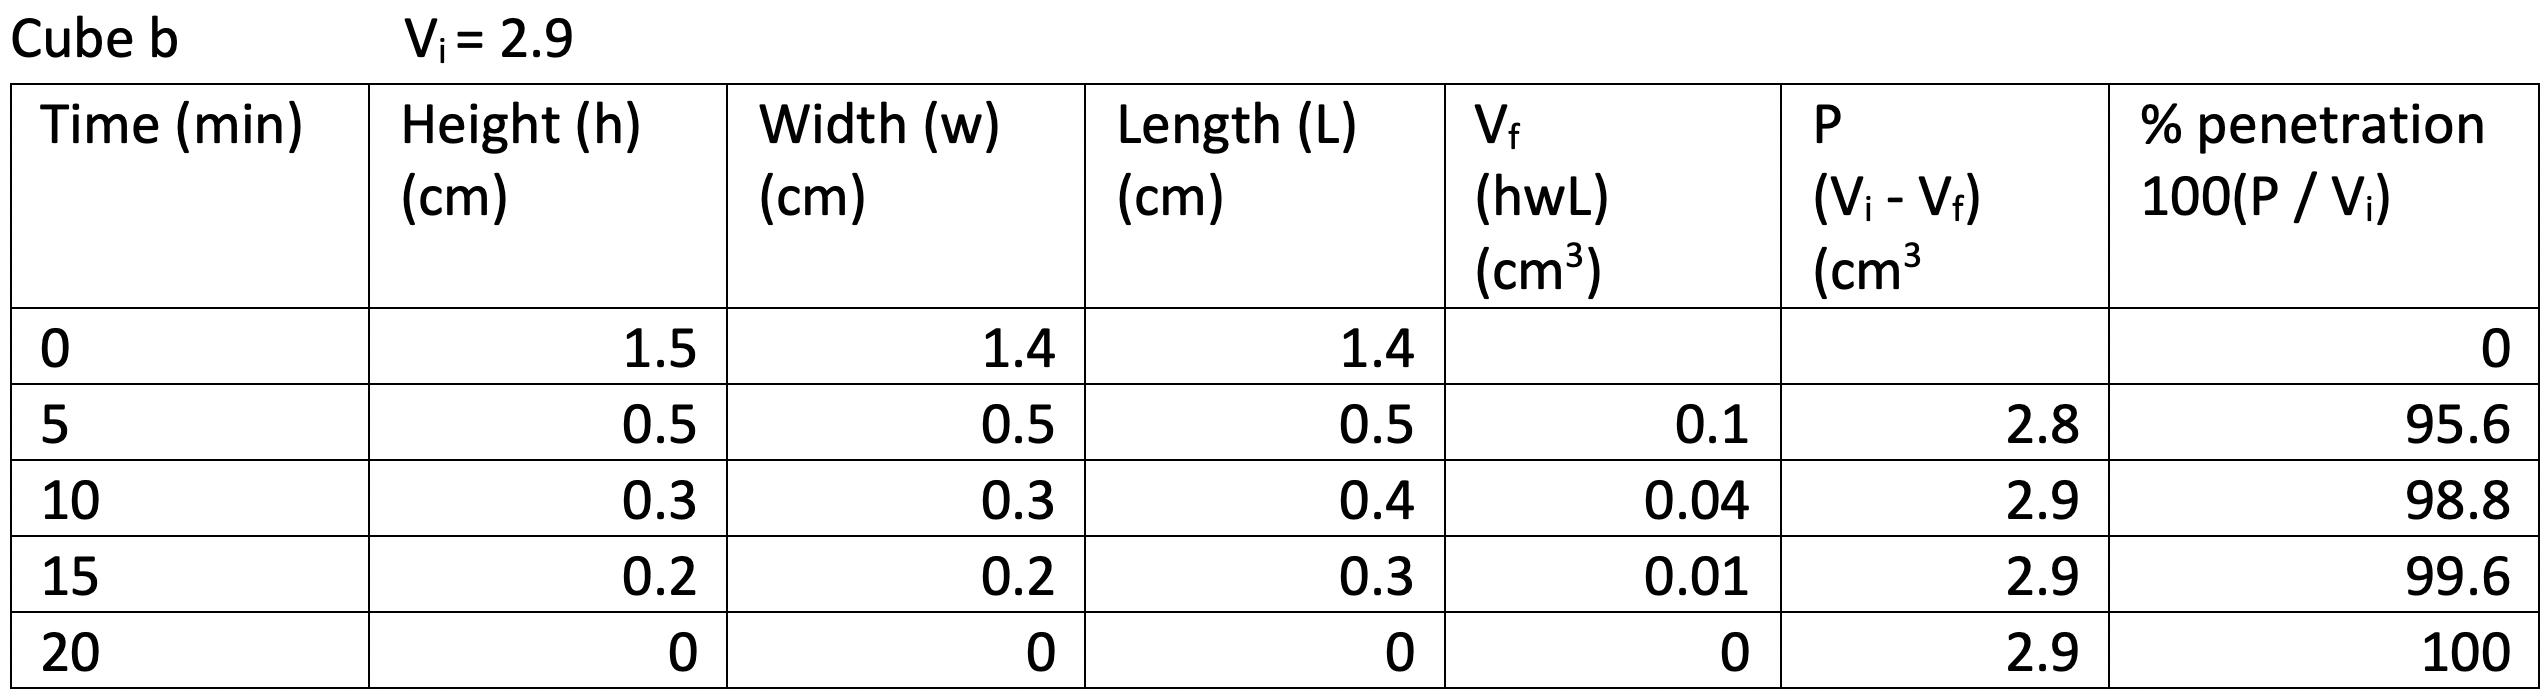 bio-p-cel-y11-12-14-img3s3.png